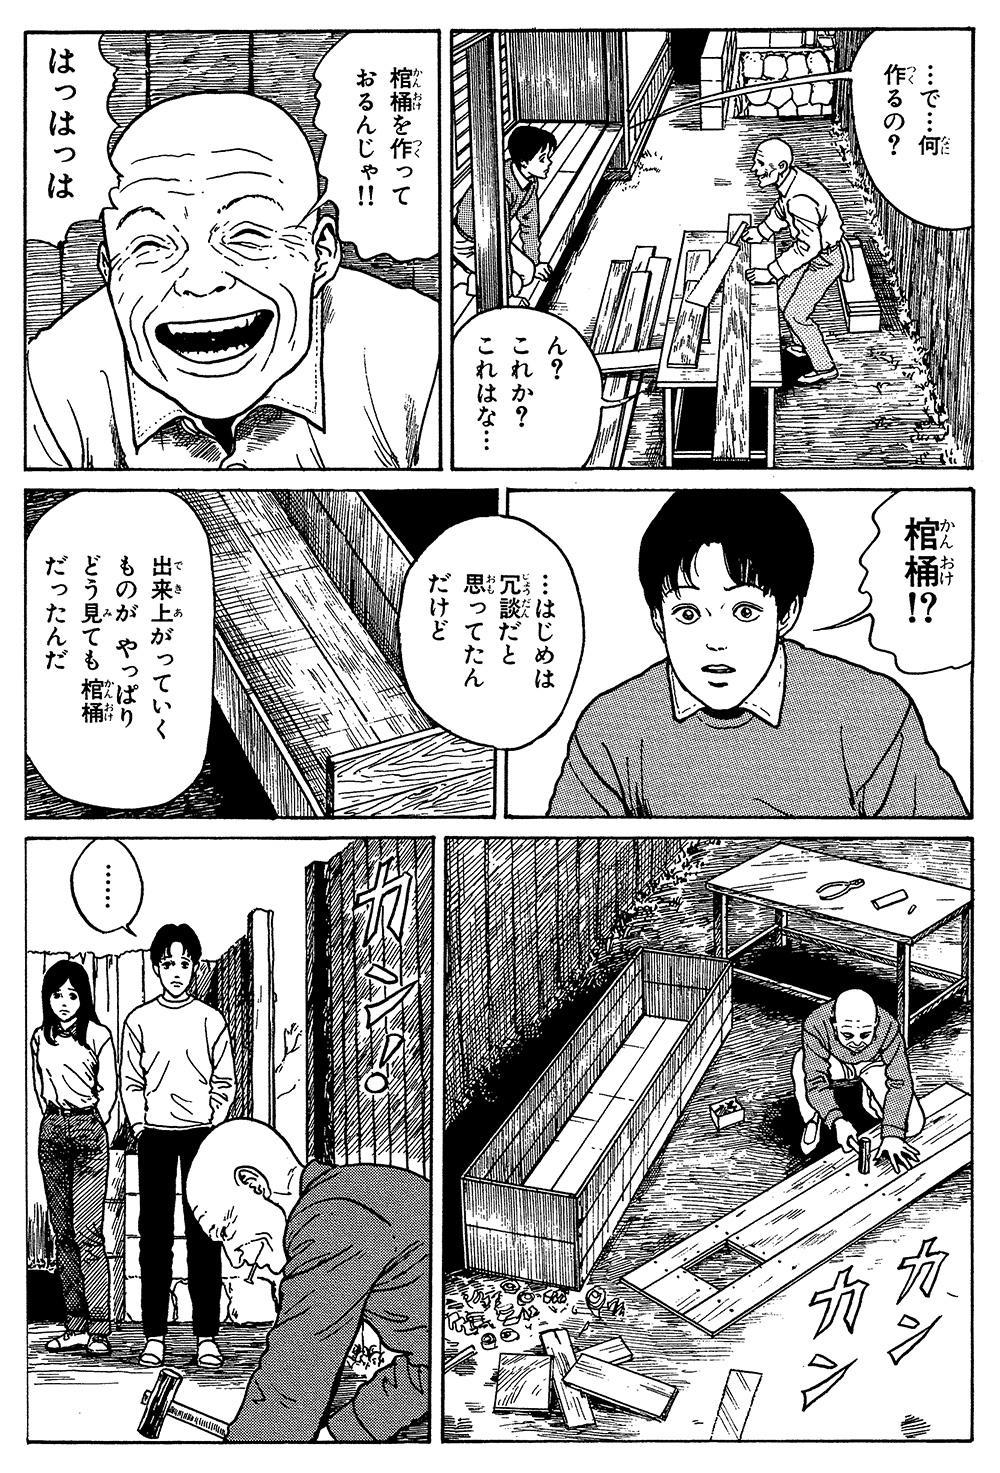 伊藤潤二傑作集「棺桶」①kanoke01-07.jpg